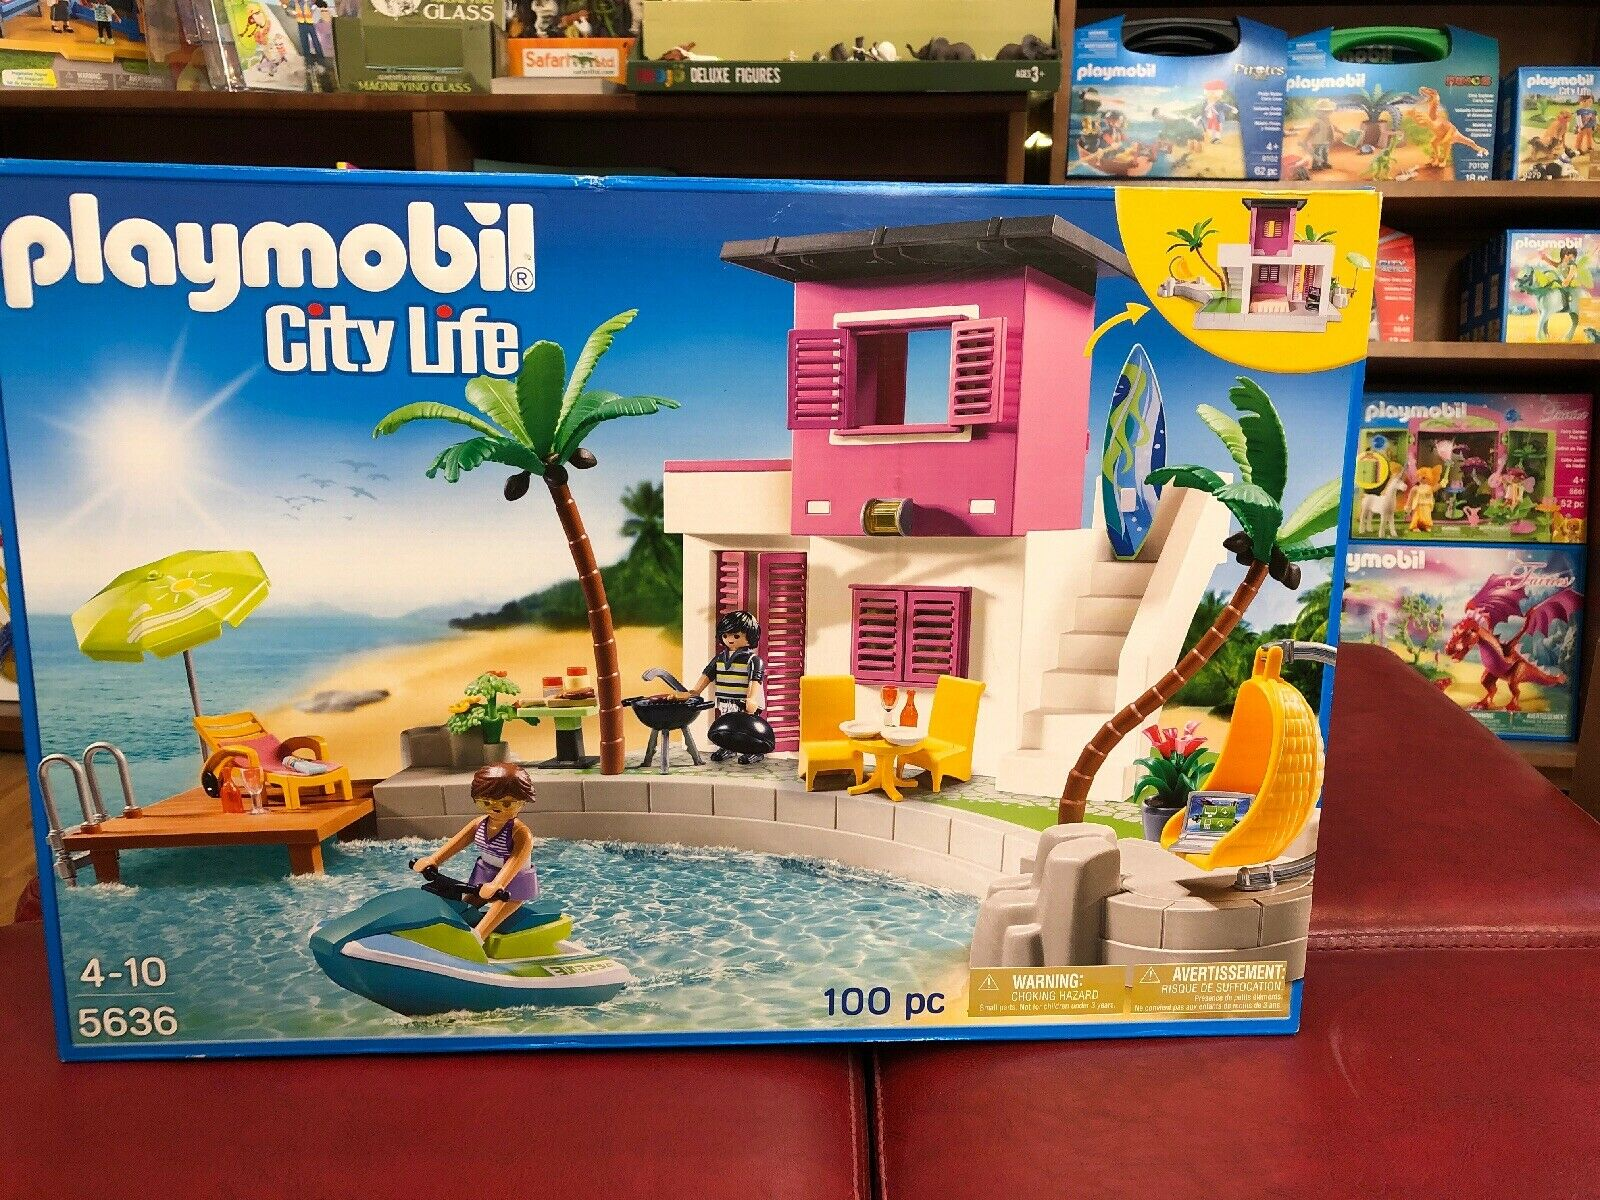 Playmobil Stadt Life luxury beach haus 5636 retirot 100 Pc Playset Unopened